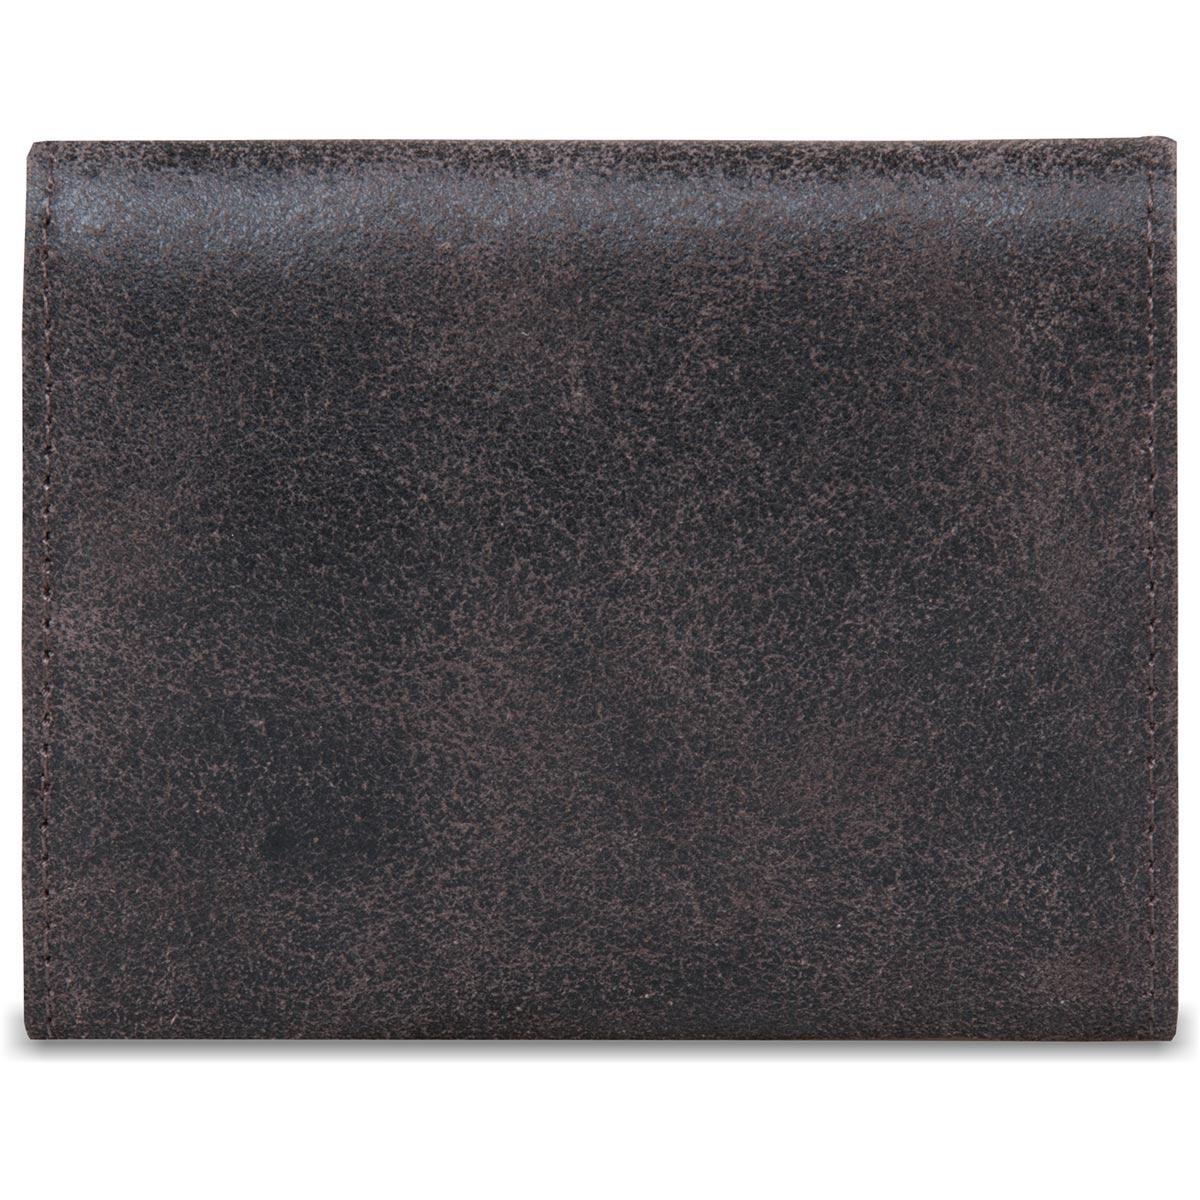 Kit Artlux Carteira com Velcro mais Cinto de Cadarço